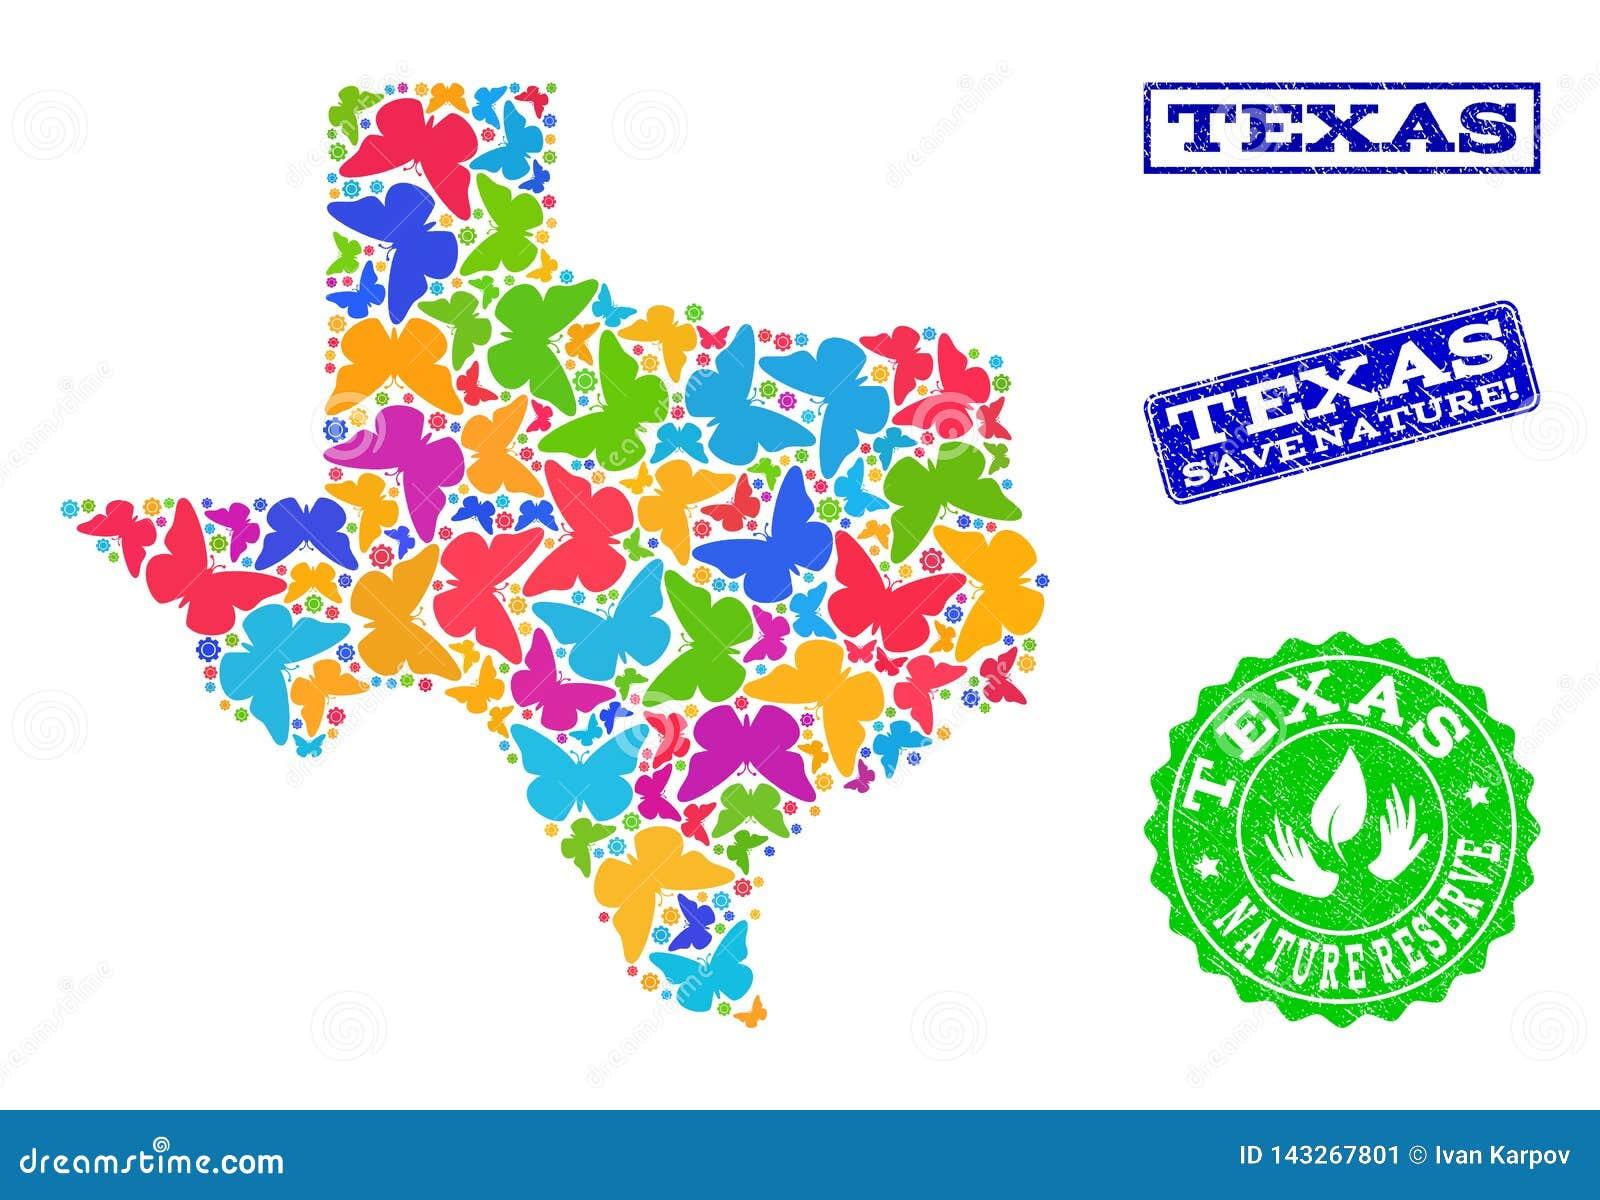 Collage de ahorro de la naturaleza del mapa de Texas State con las mariposas y los sellos texturizados